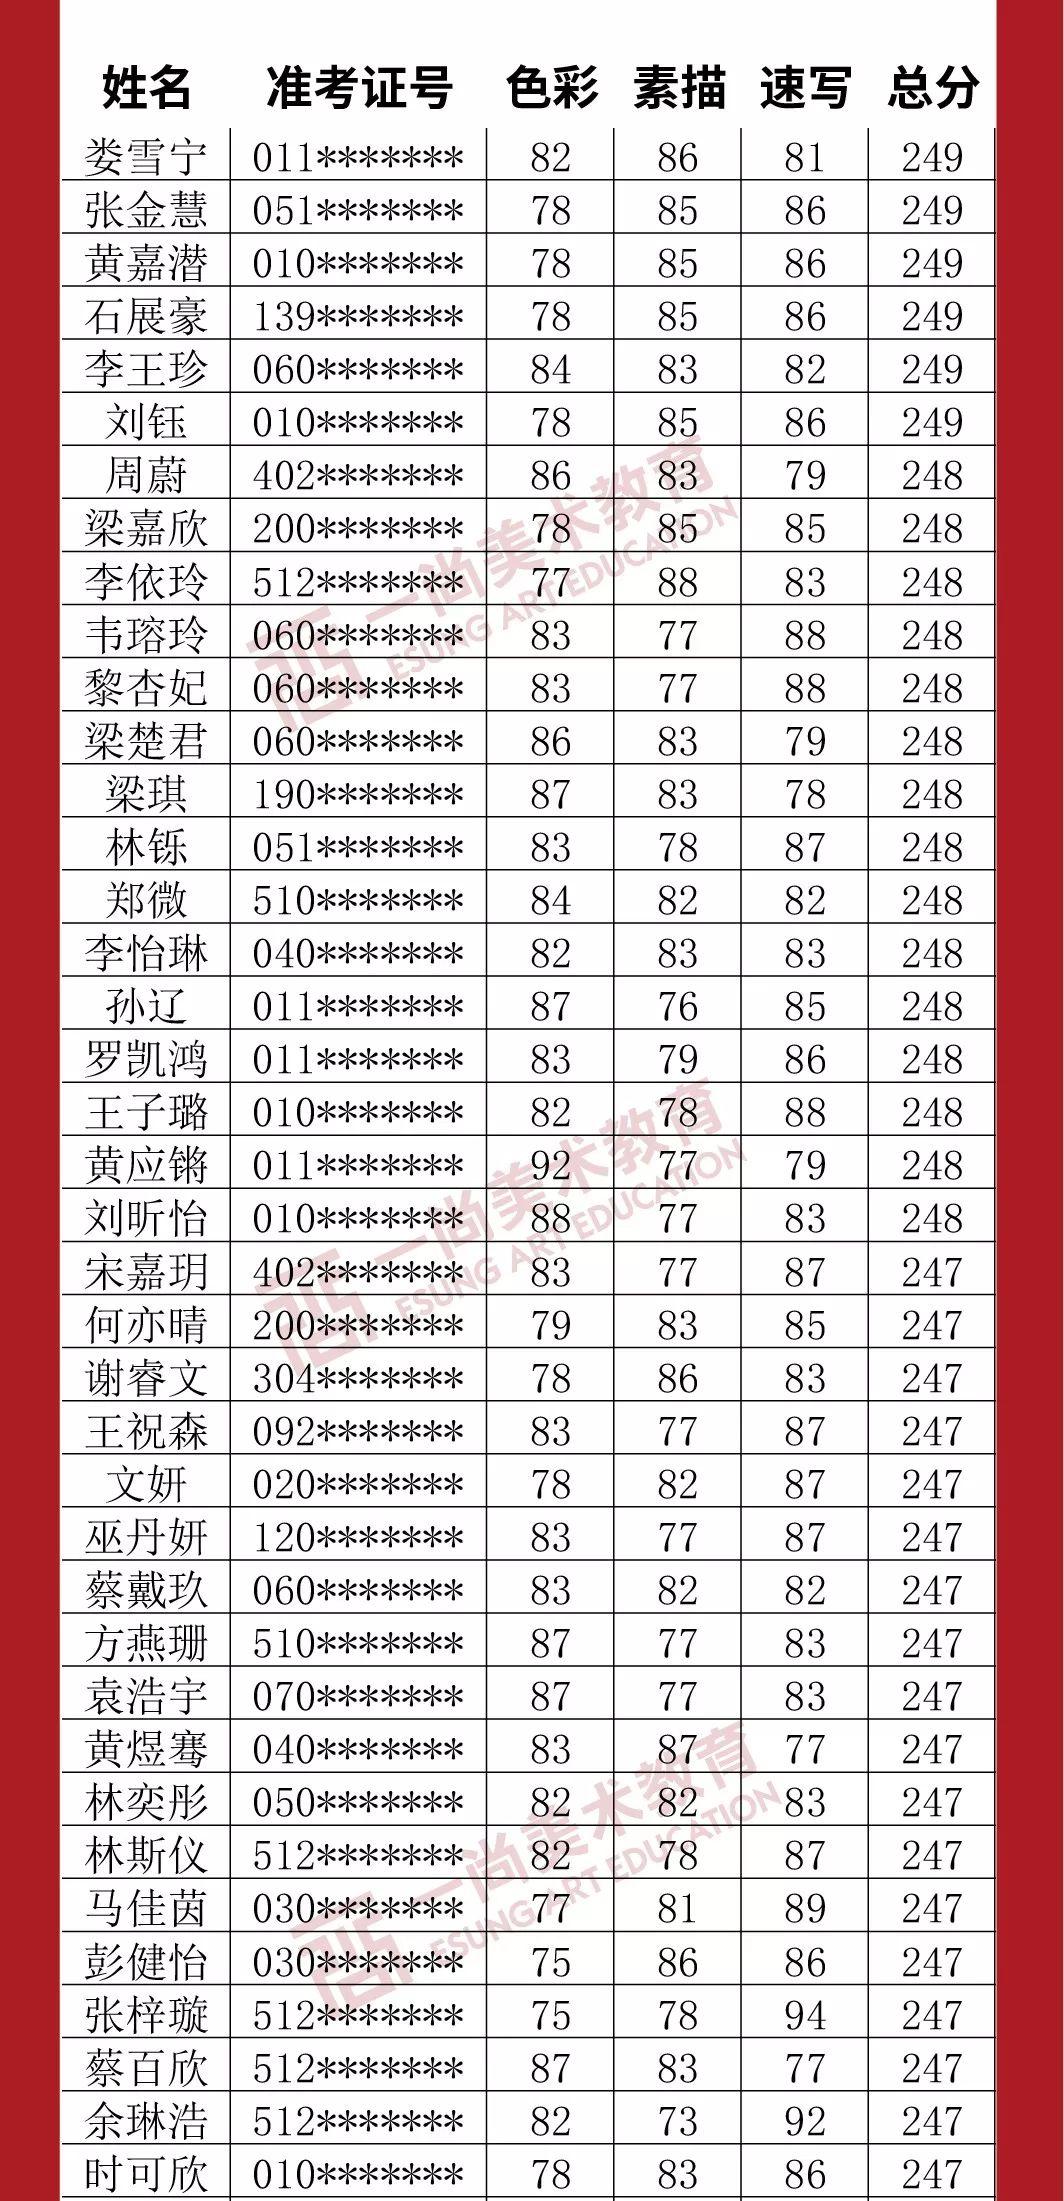 广州度岸画室,广东美术联考,广州美术培训         30